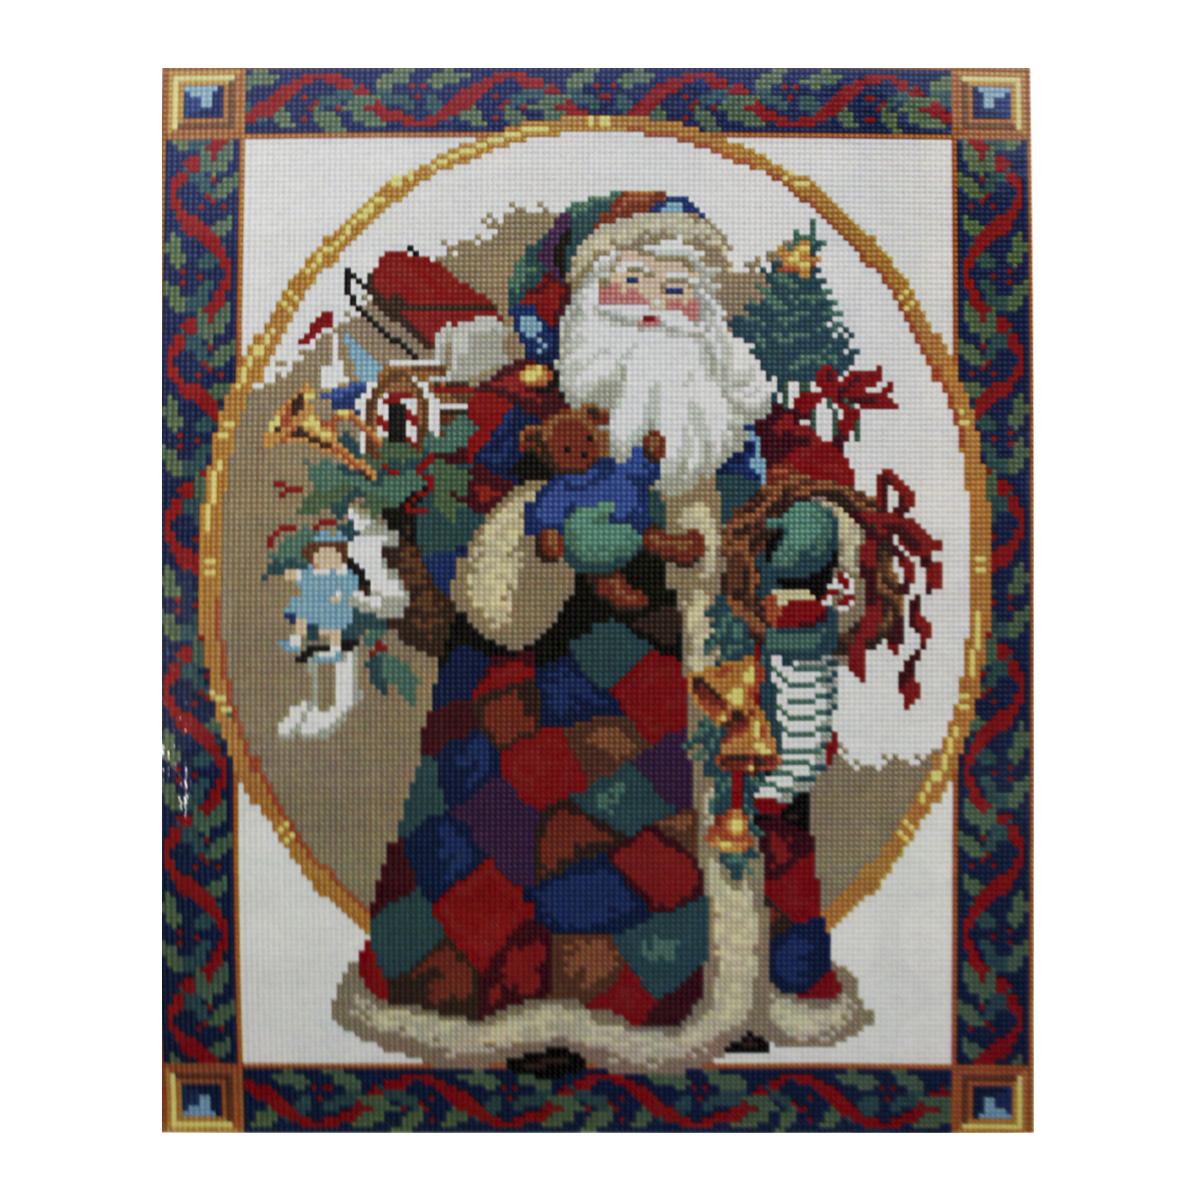 Алмазная мозаика Cristal, на деревянном подрамнике, 40 х 50 см. 77130017713001/GZ028Набор для творчества Cristal поможет вам создать свой личный шедевр - красивую картину, выполненную в мозаичной технике. Выложите прекрасную картину из множества маленьких цветных камушков. С помощью пинцета камушки размещаются на холсте, в результате проявляется рисунок. Постепенно заполняя ряд за рядом, вы создадите чудесное переливающееся изображение. Каждый камушек выполнен из прочного материала. Работа, выполненная своими руками, станет отличным подарком для друзей и близких! В набор входит: - Основа картины с нанесенной схемой на деревянной раме; - Ключи к схеме; - Комплект искусственных камней (30 цветов); - Желеобразный клей; - Пинцет; - Прозрачный клей; - Пластиковая ручка; - Пластмассовый лоток для камней; - Металлические крепления для готовой работы. Диаметр камушка: 2,5 мм. Размер готового изделия: 40 х 50 см.